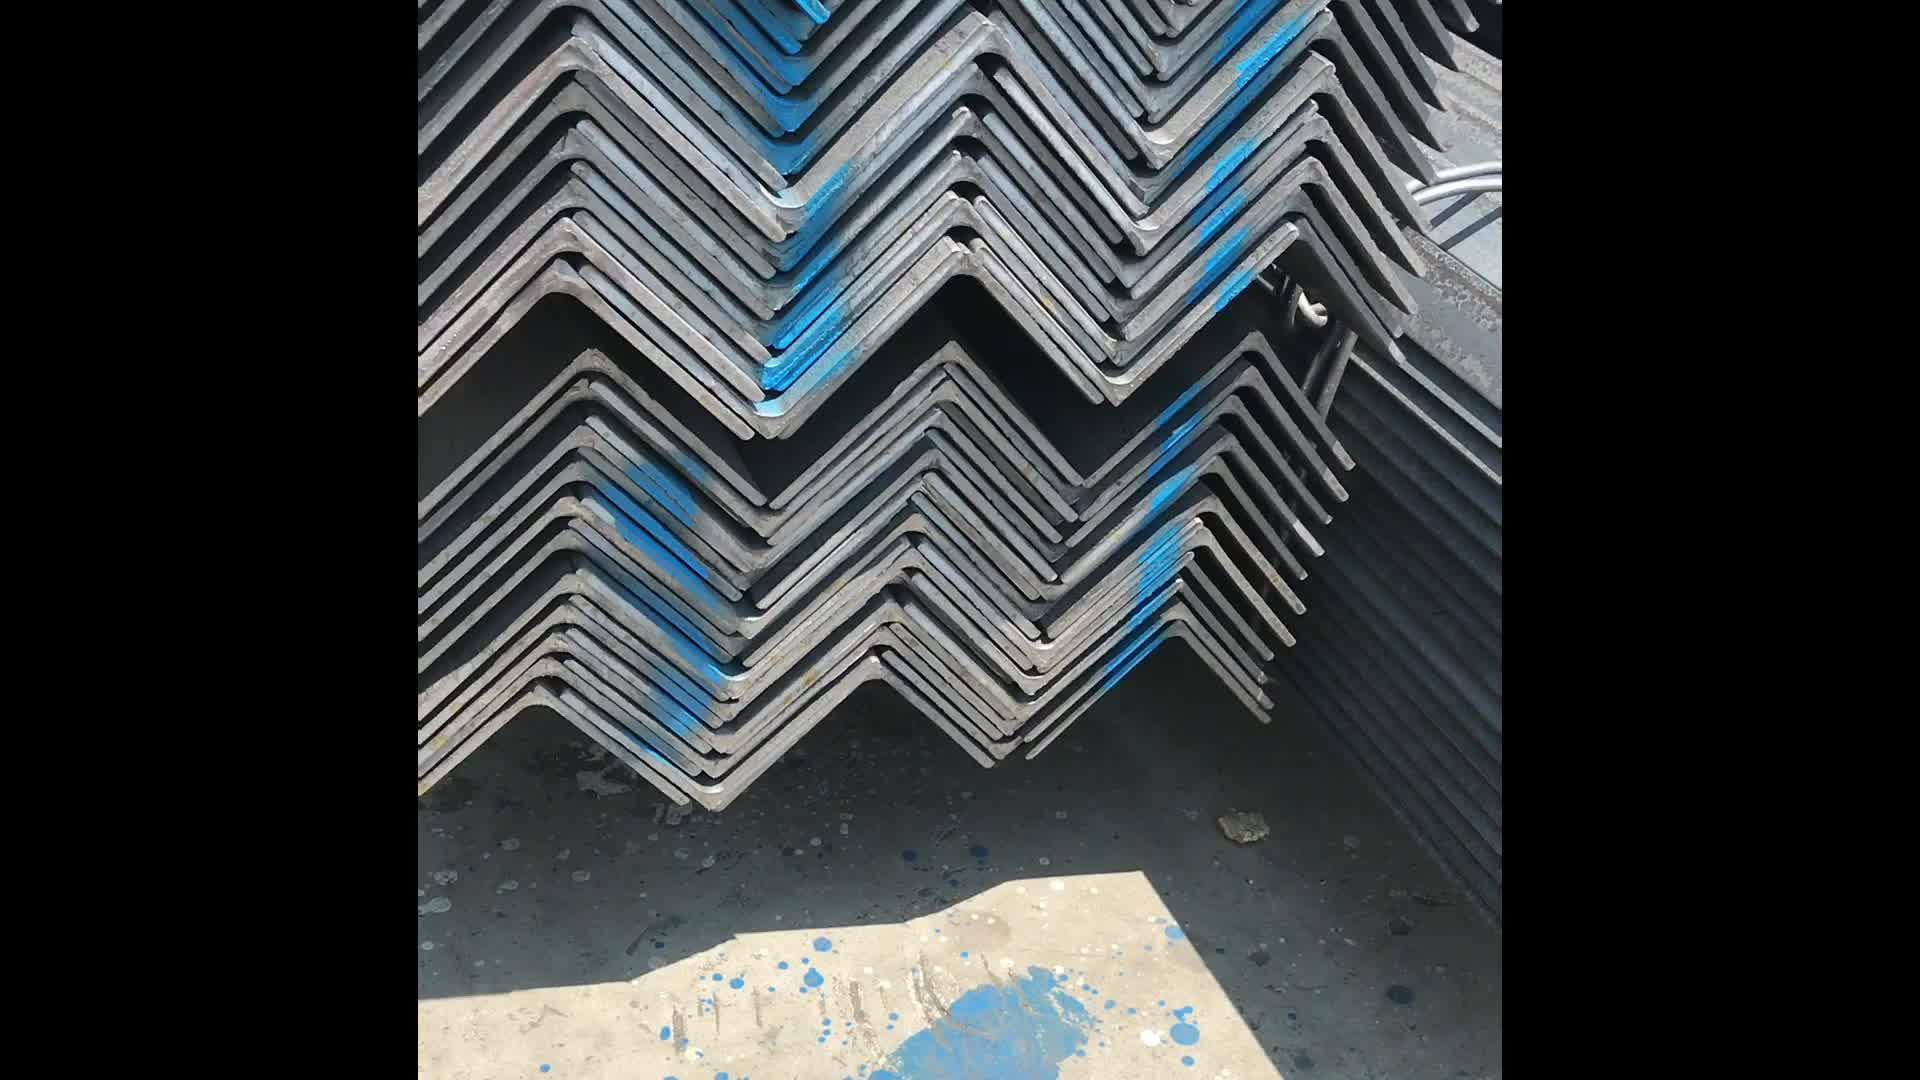 Construcci n estructural acero suave ngulo de hierro - Angulos de hierro ...